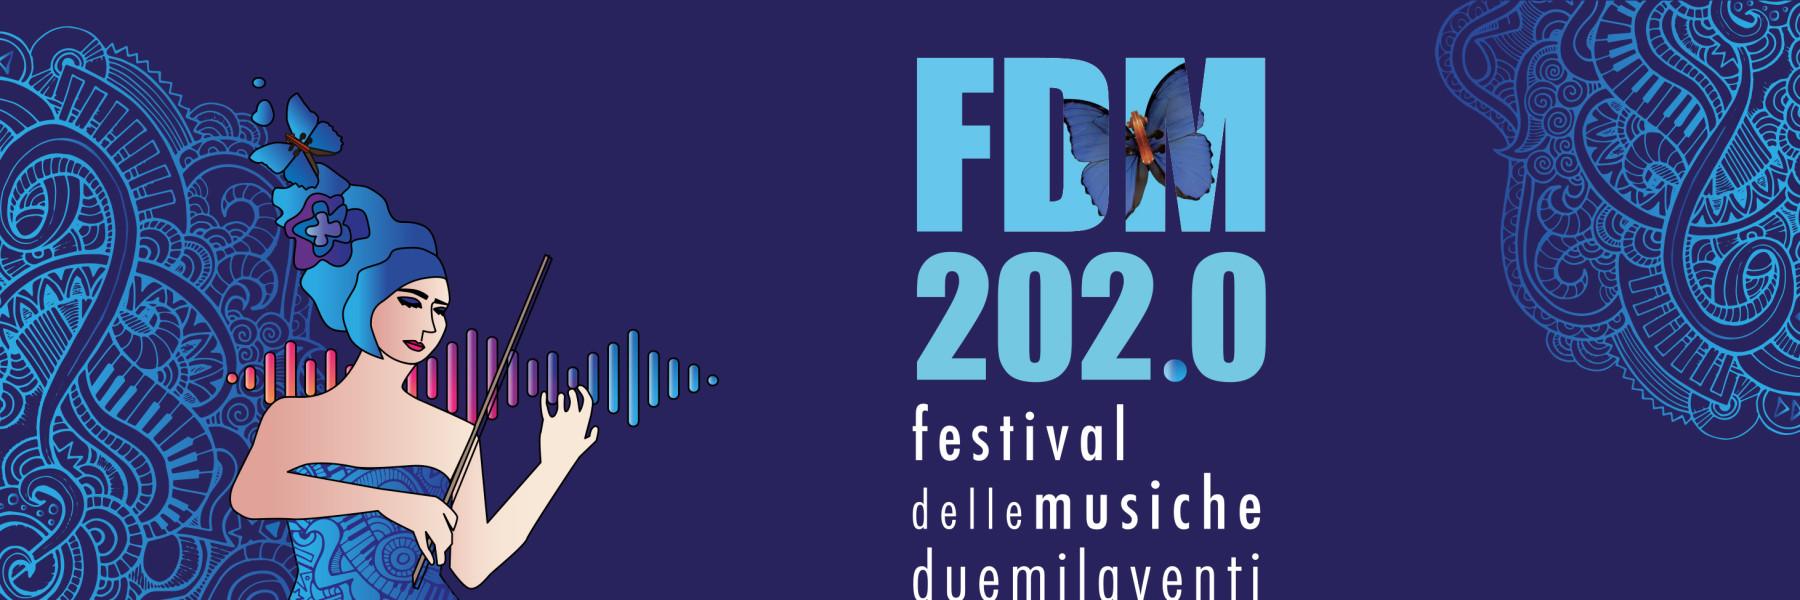 COPERTINA FB FDM 2020